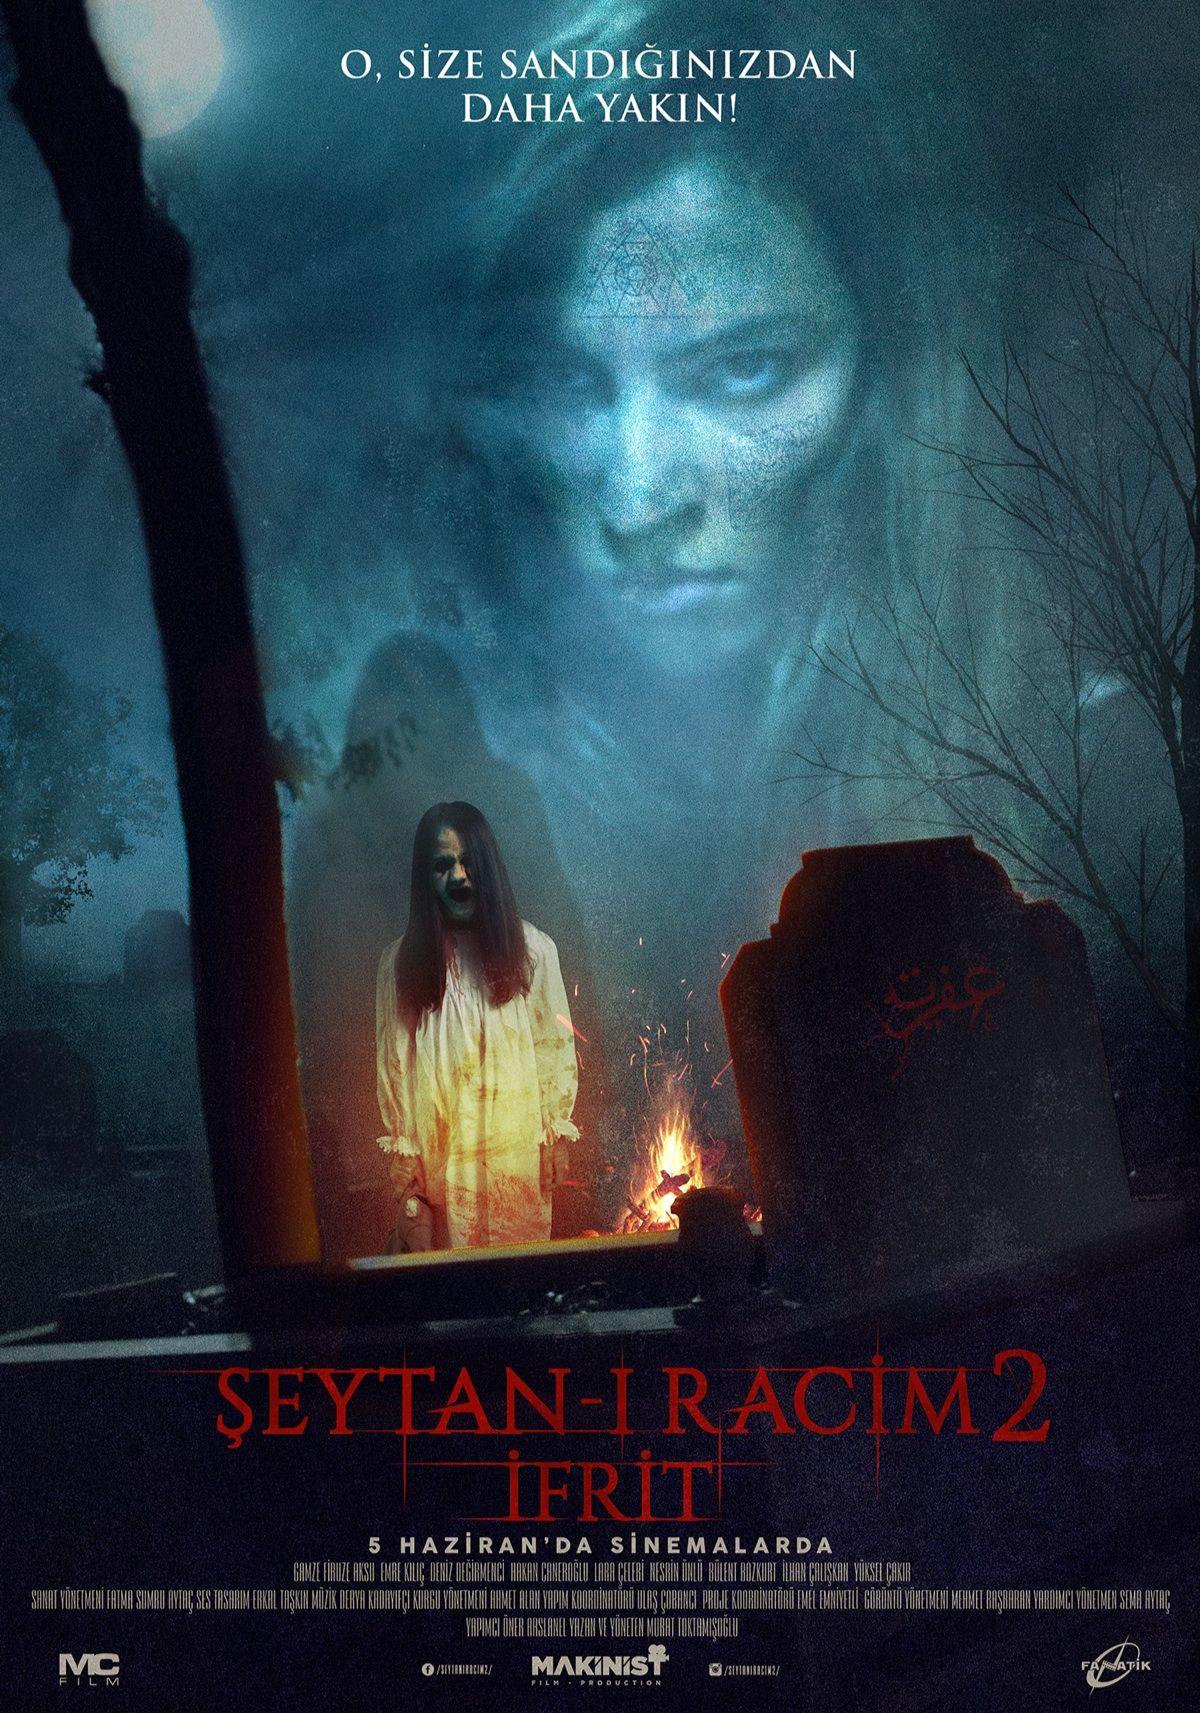 Pin By Mustafa Yavuz On 2015 Movies Horror Movies 2015 Movies Movies